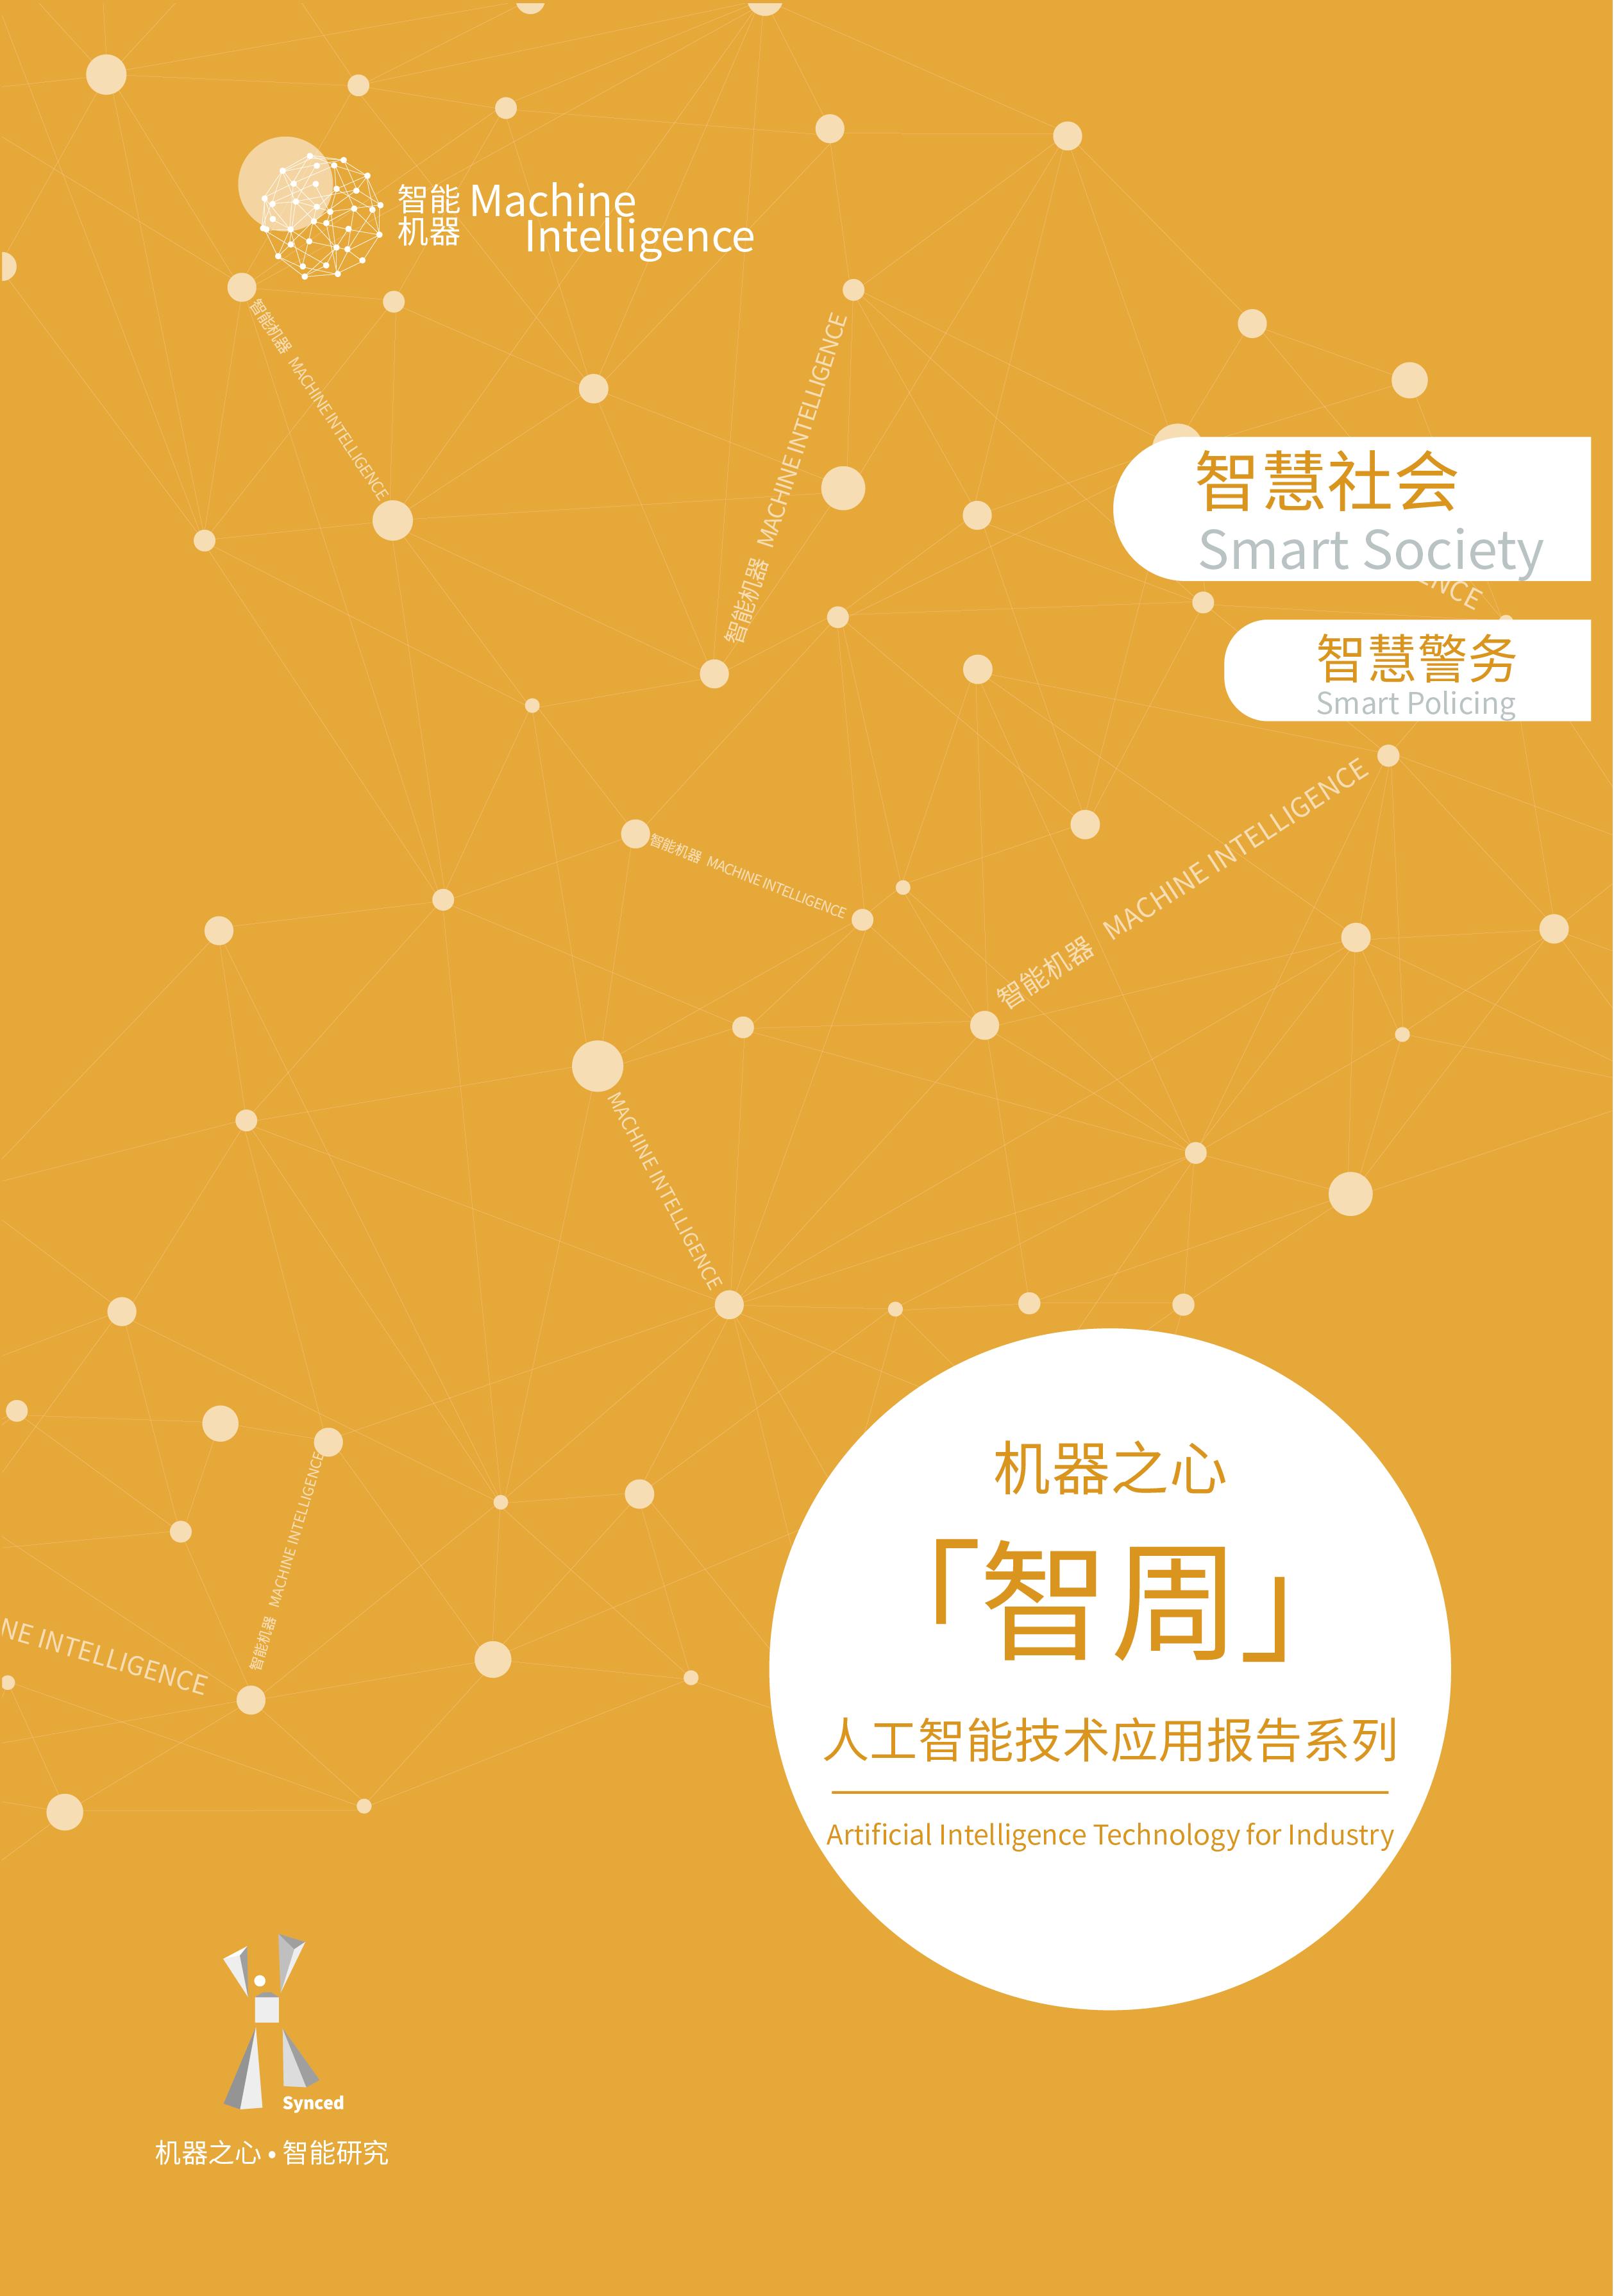 中国警务领域人工智能技术的应用现状及展望 |「智周」核心版